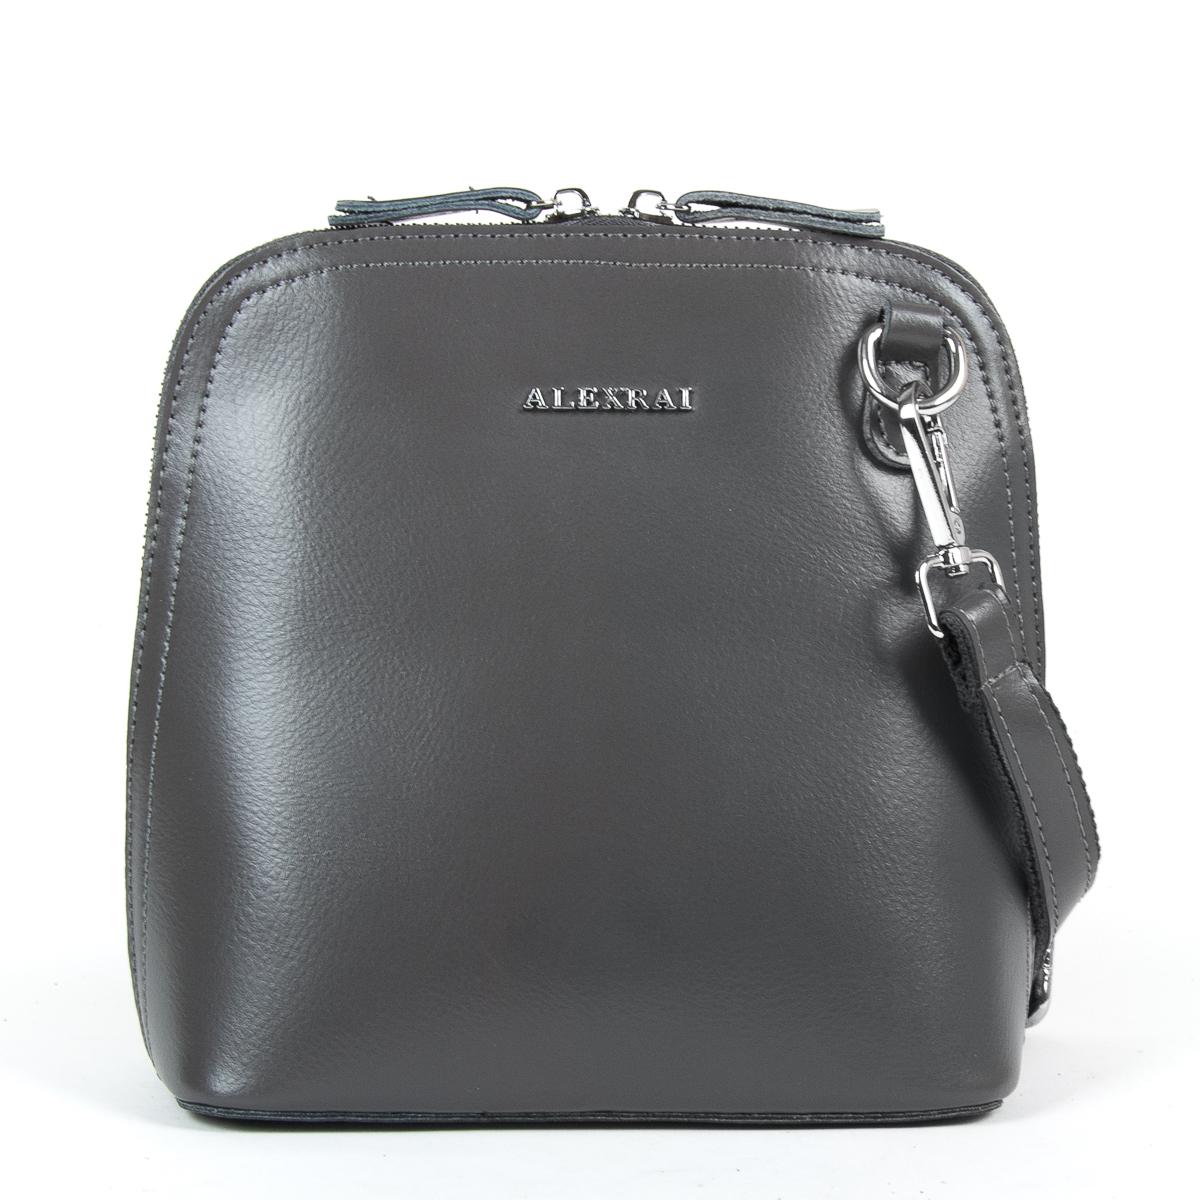 Сумка Женская Клатч кожа ALEX RAI 9-01 8803 grey